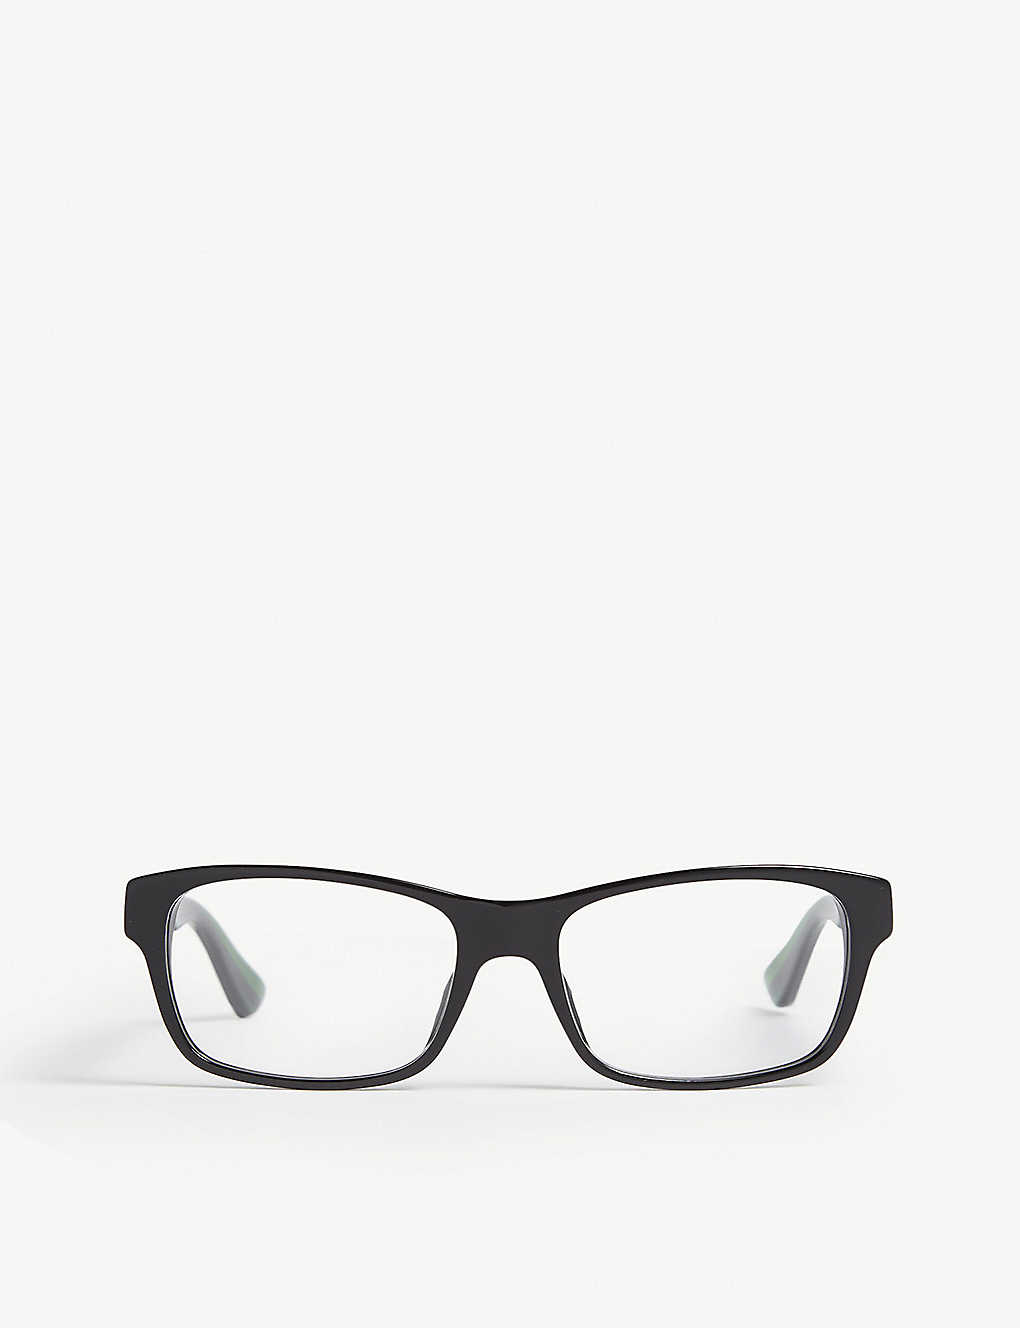 0db02c33f7 GG0006O rectangle-frame glasses